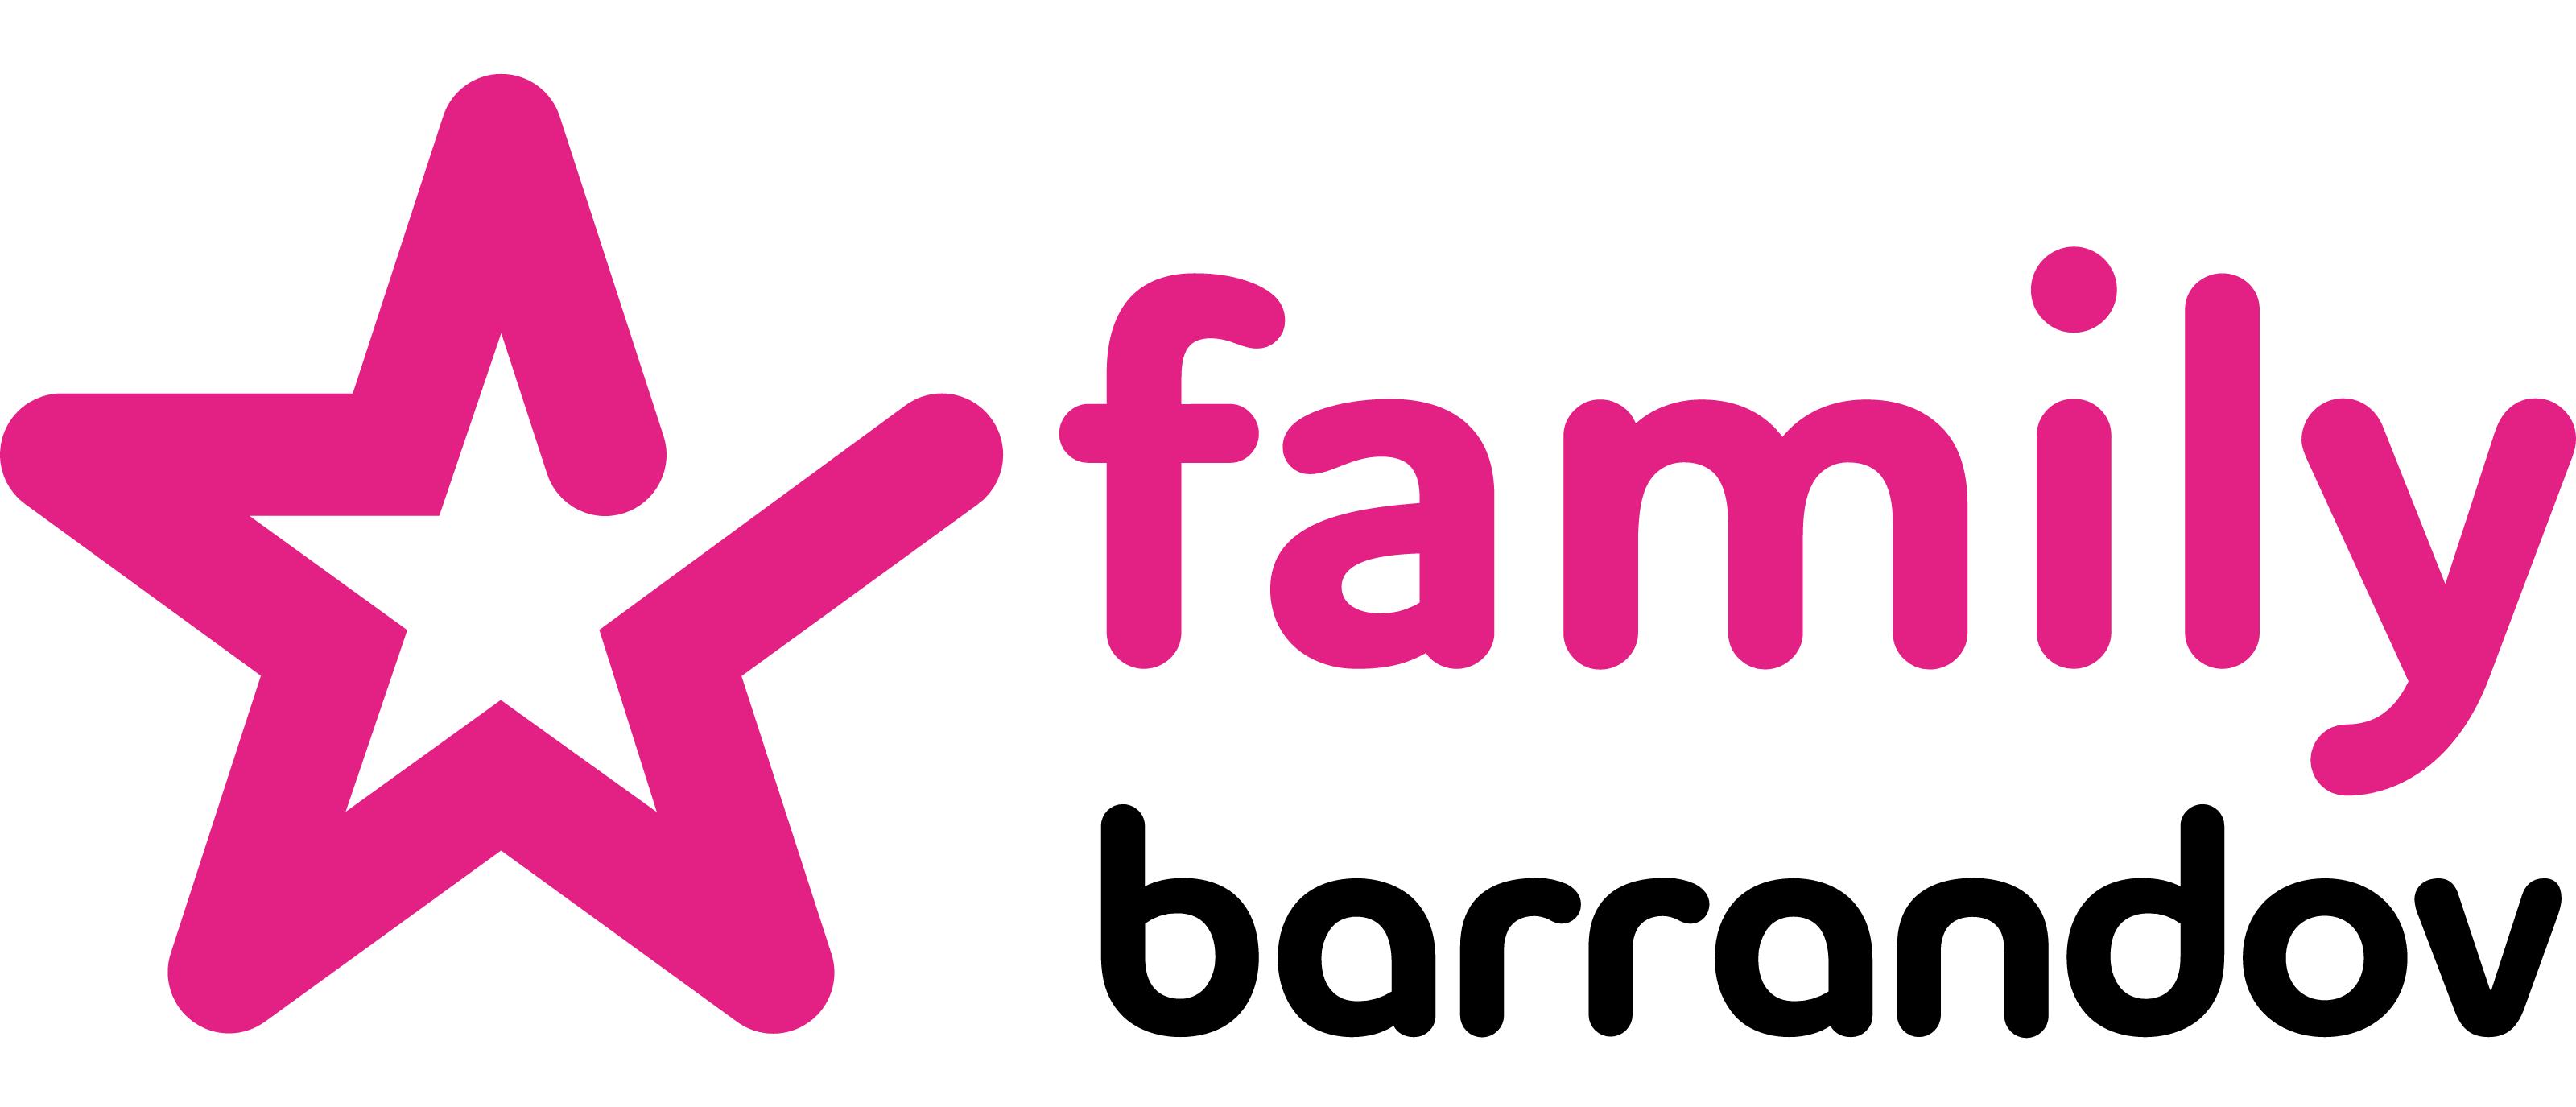 Barrandov Family logo